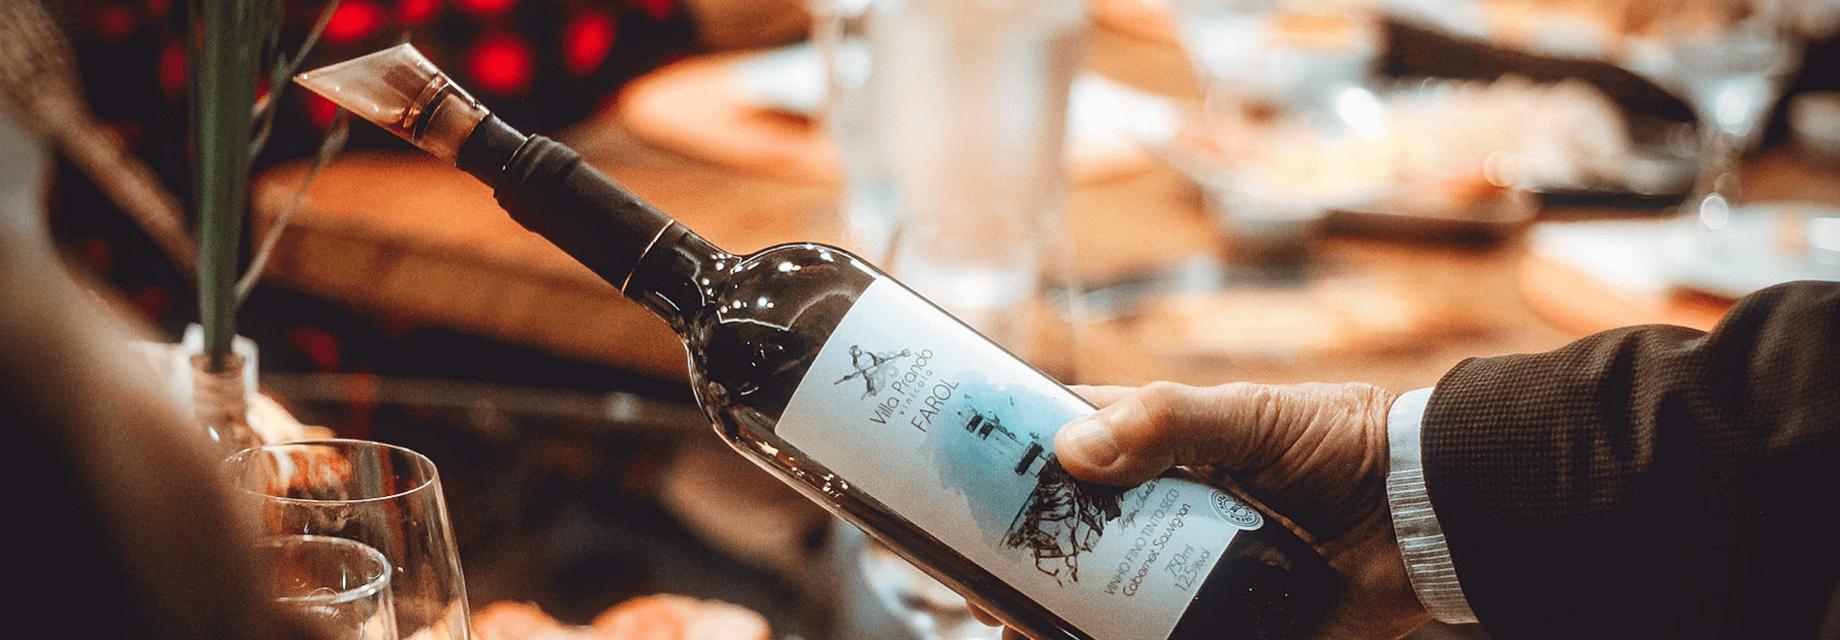 Cena con tu vino